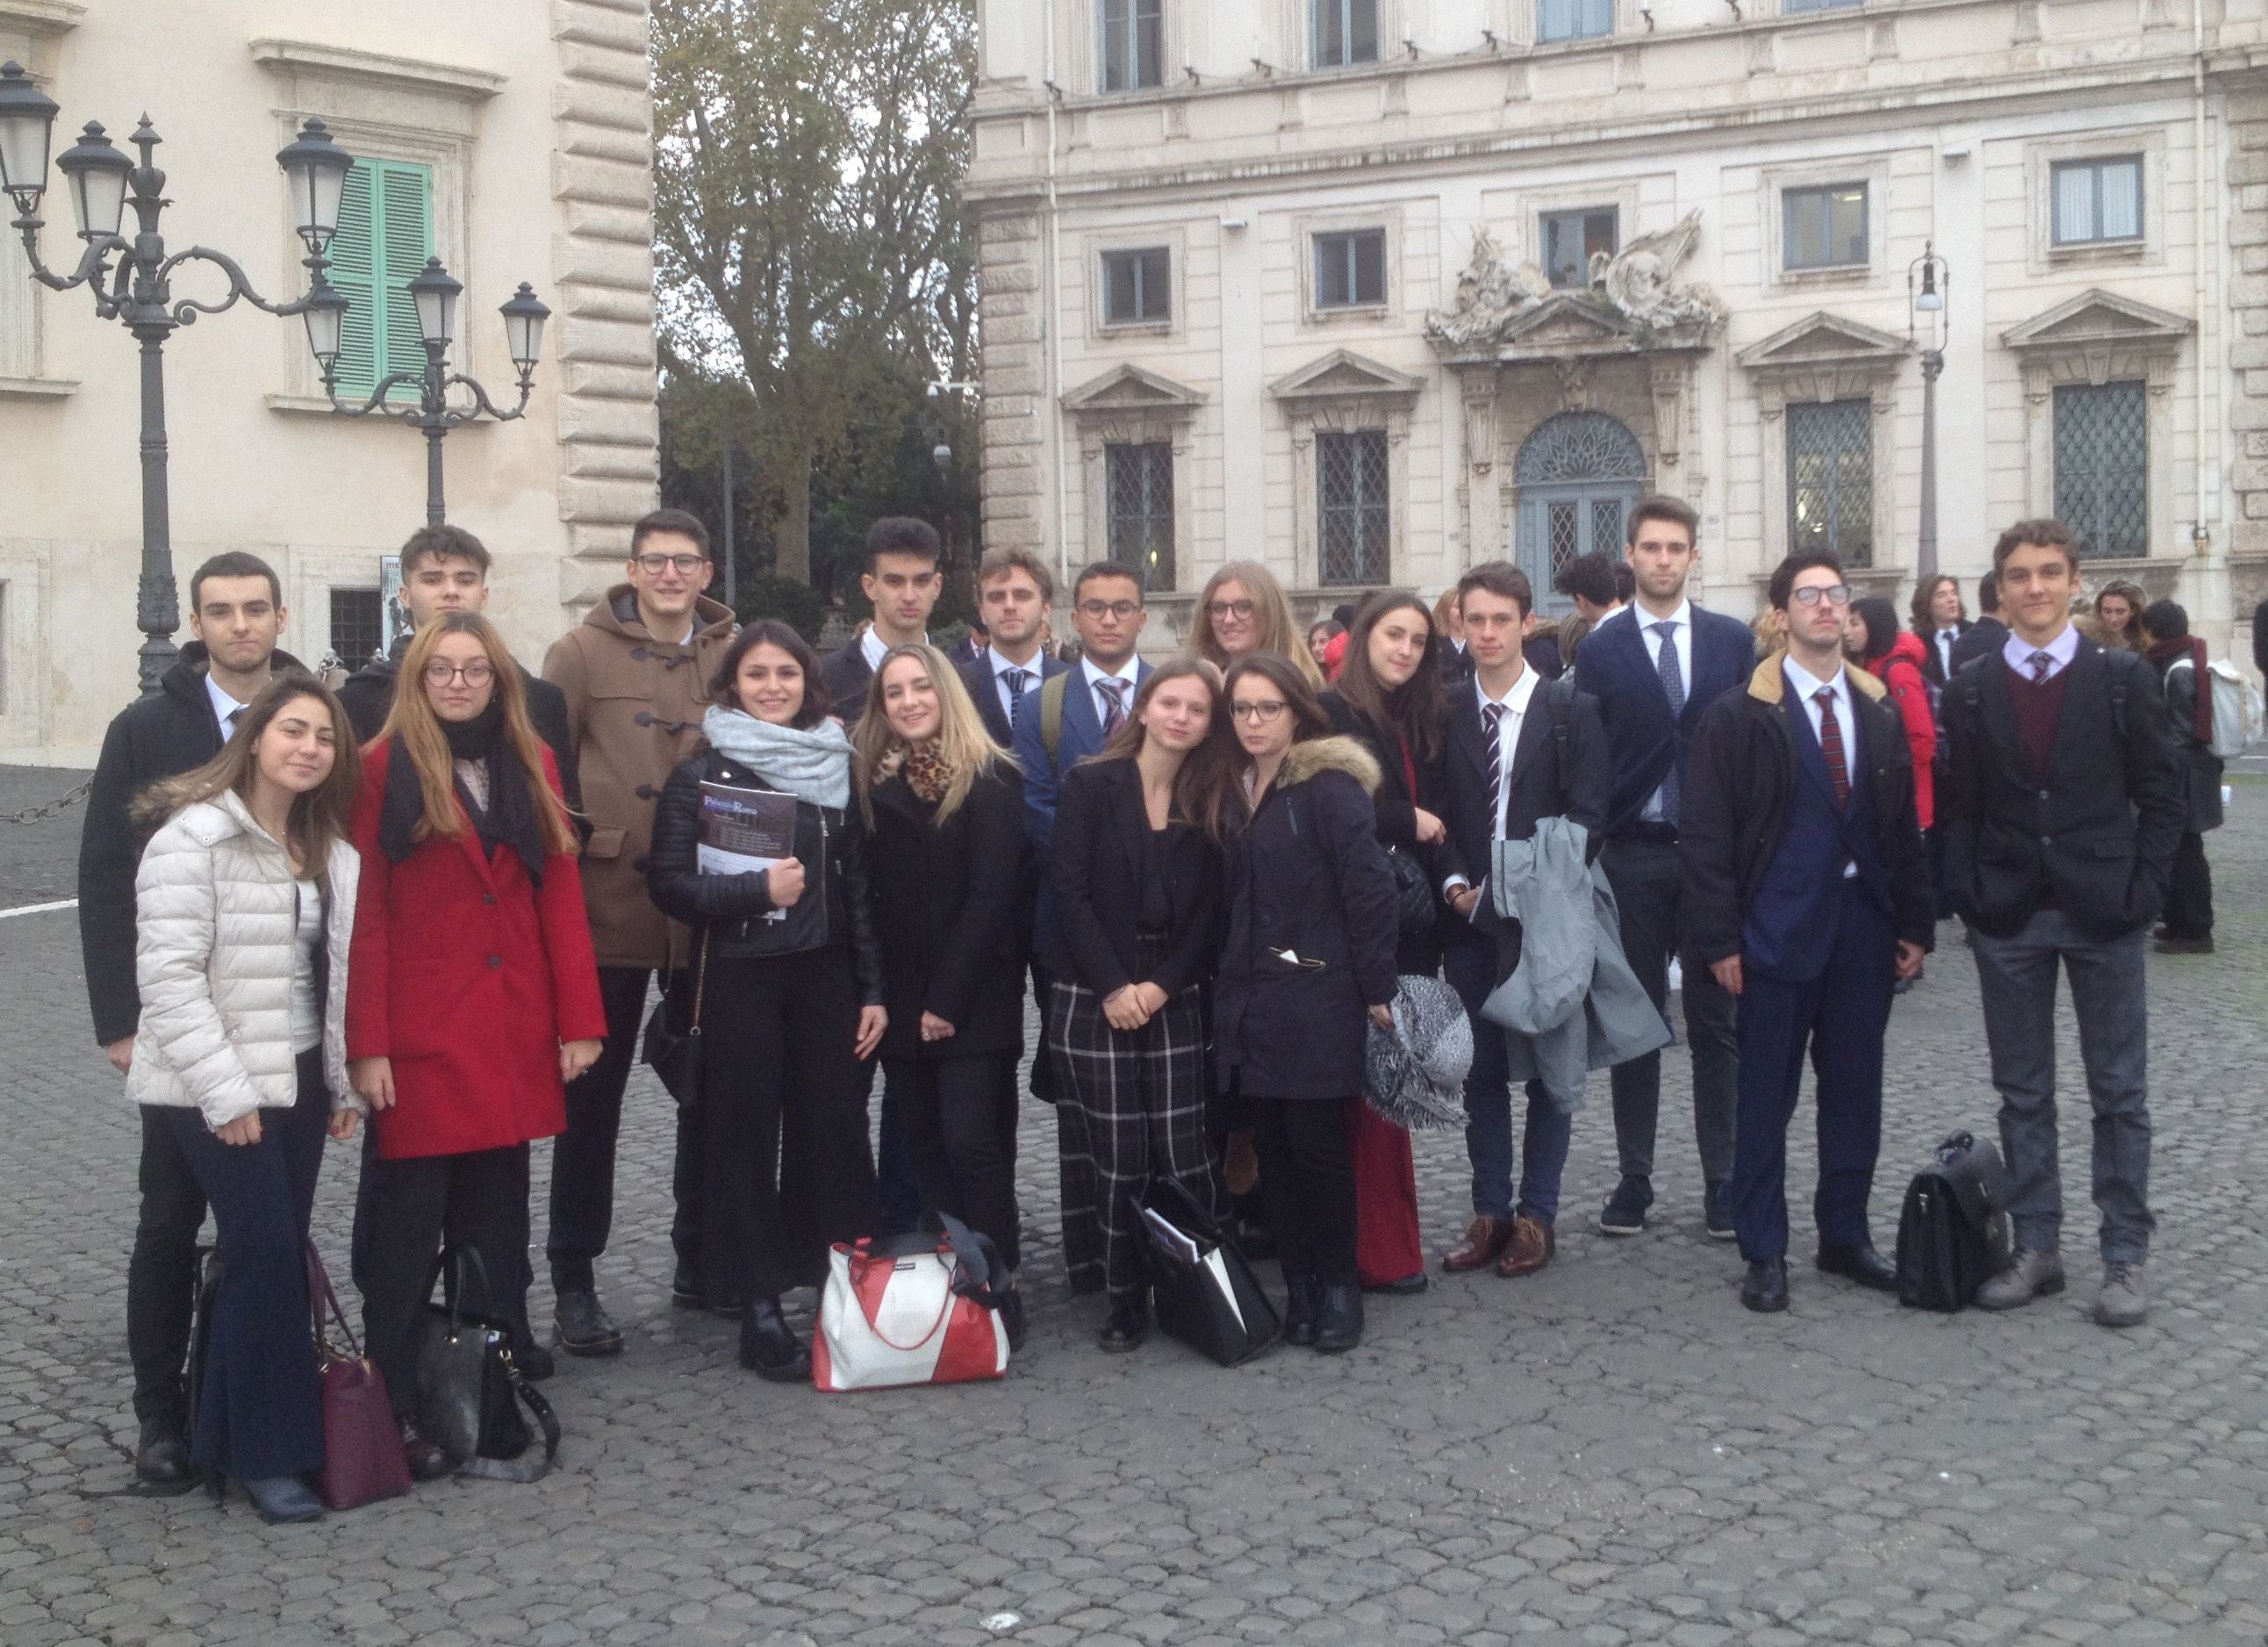 IVREA - Ambasciatori della legalità: studenti del Gramsci a Roma